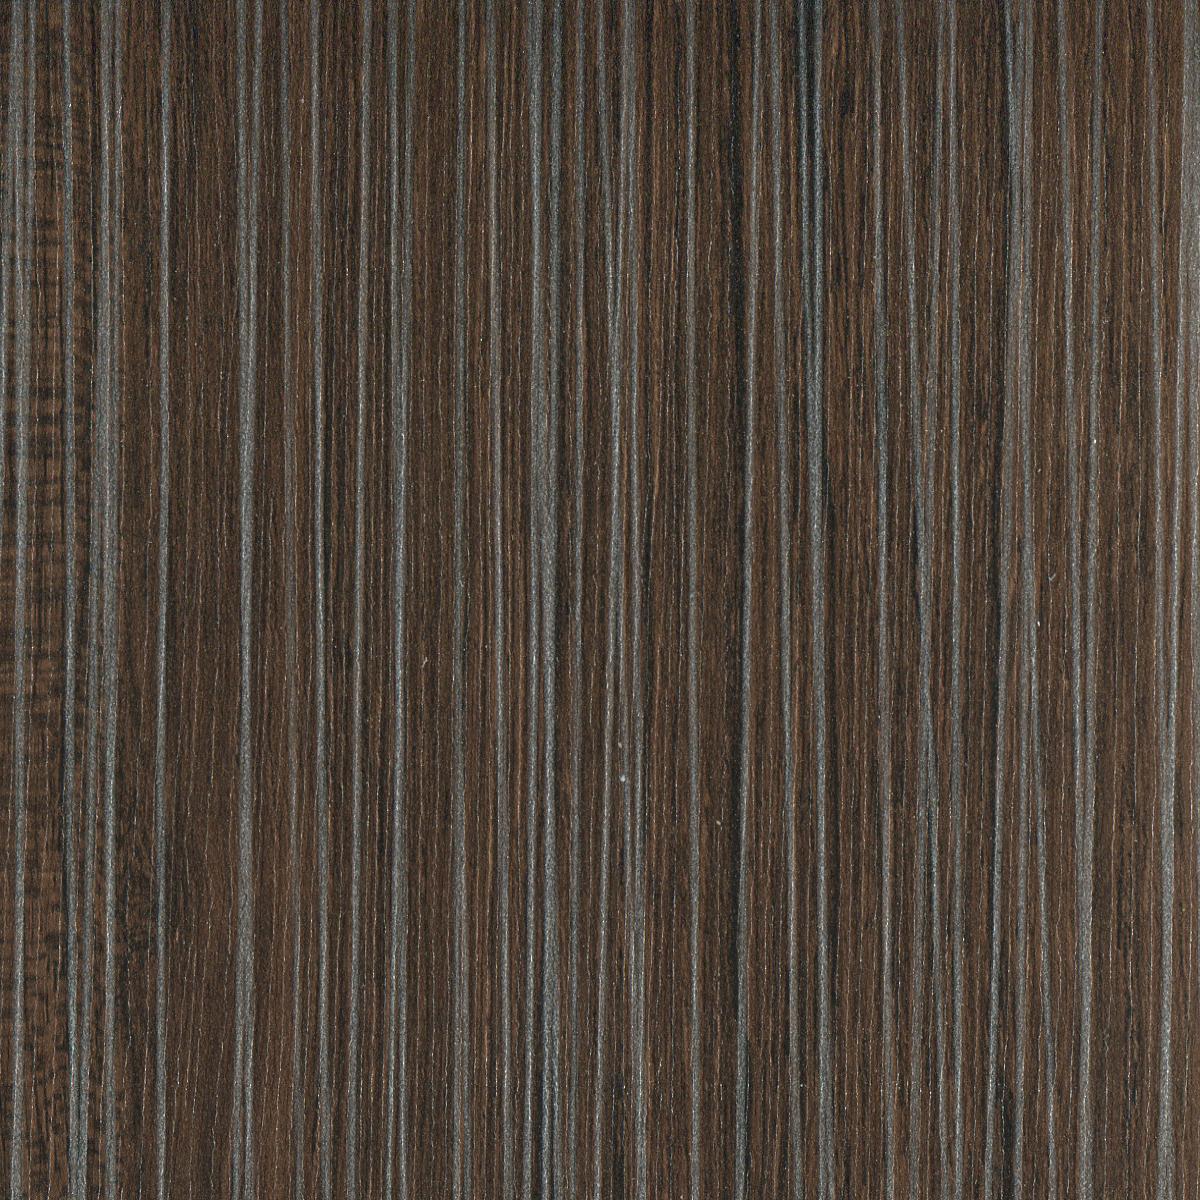 Скиф столешница волна Мойдодыры искуственный камень Барынино